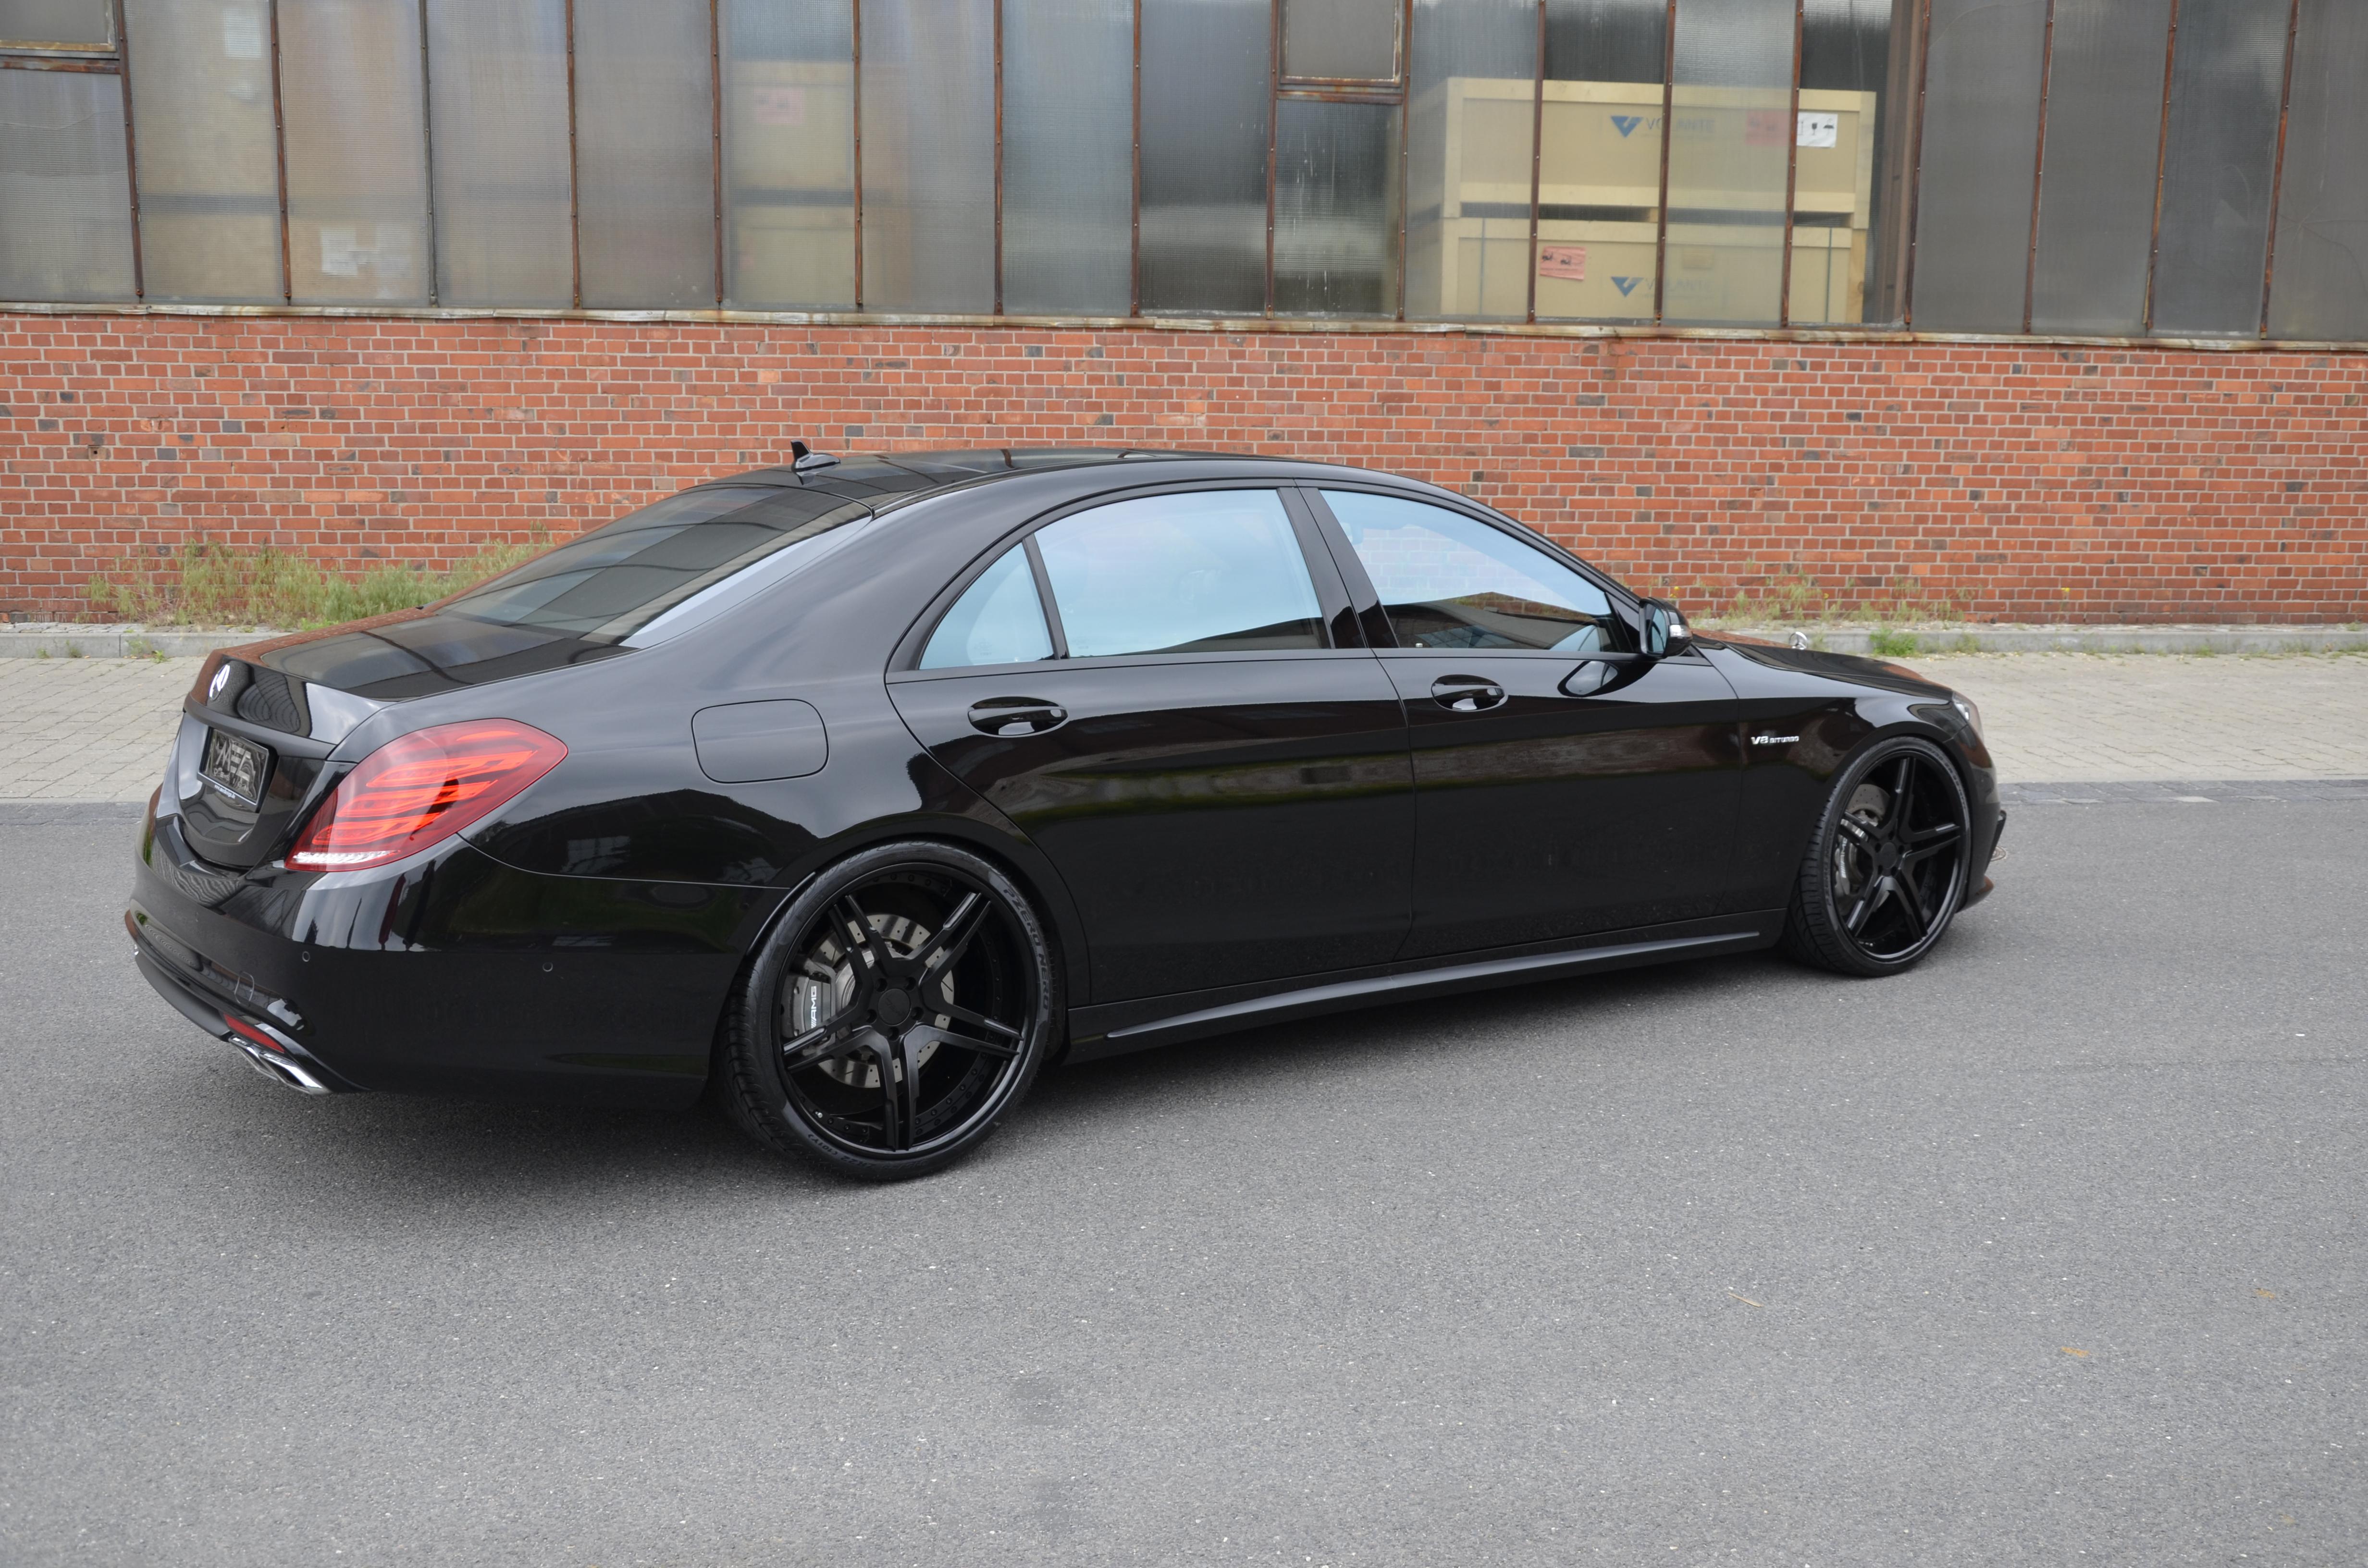 2019 Sl Mercedes >> W222 CCd5 9,5+11 265+315 +10mm SV (23) - BenzInsider.com - A Mercedes-Benz Fan Blog